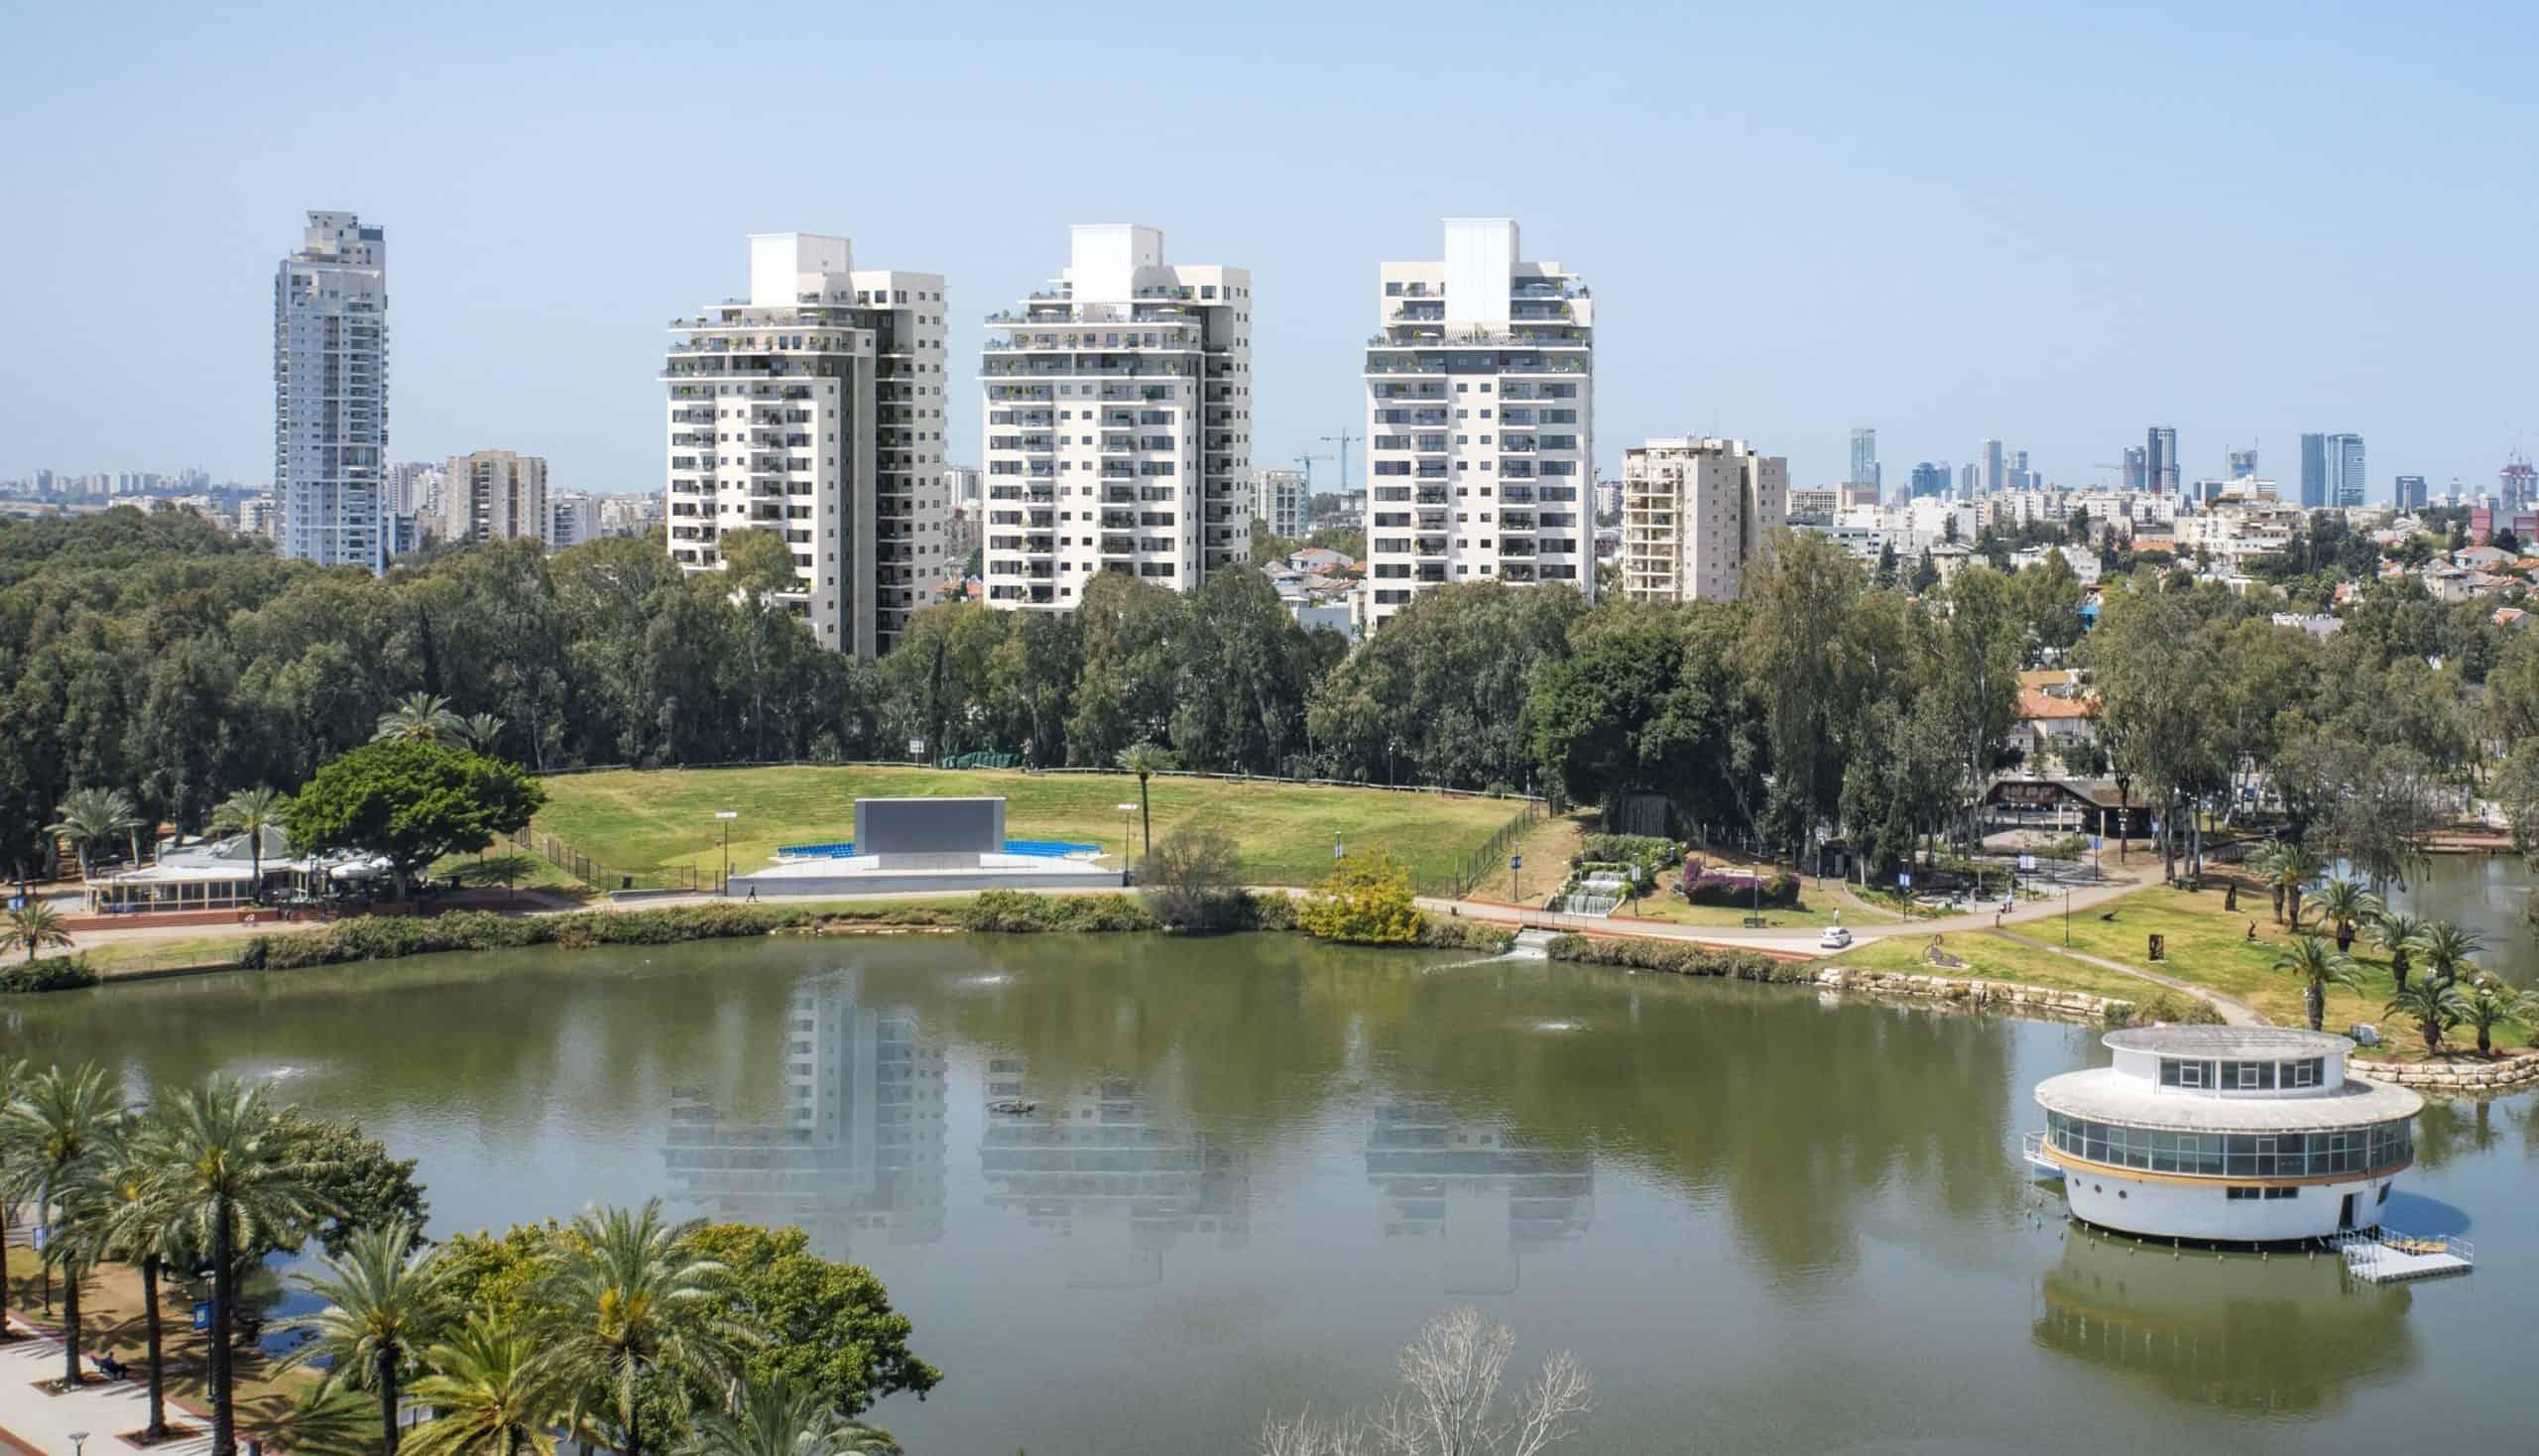 פרויקט THE LAKE ברמת גן של צמח המרמן וסרוגו (1)